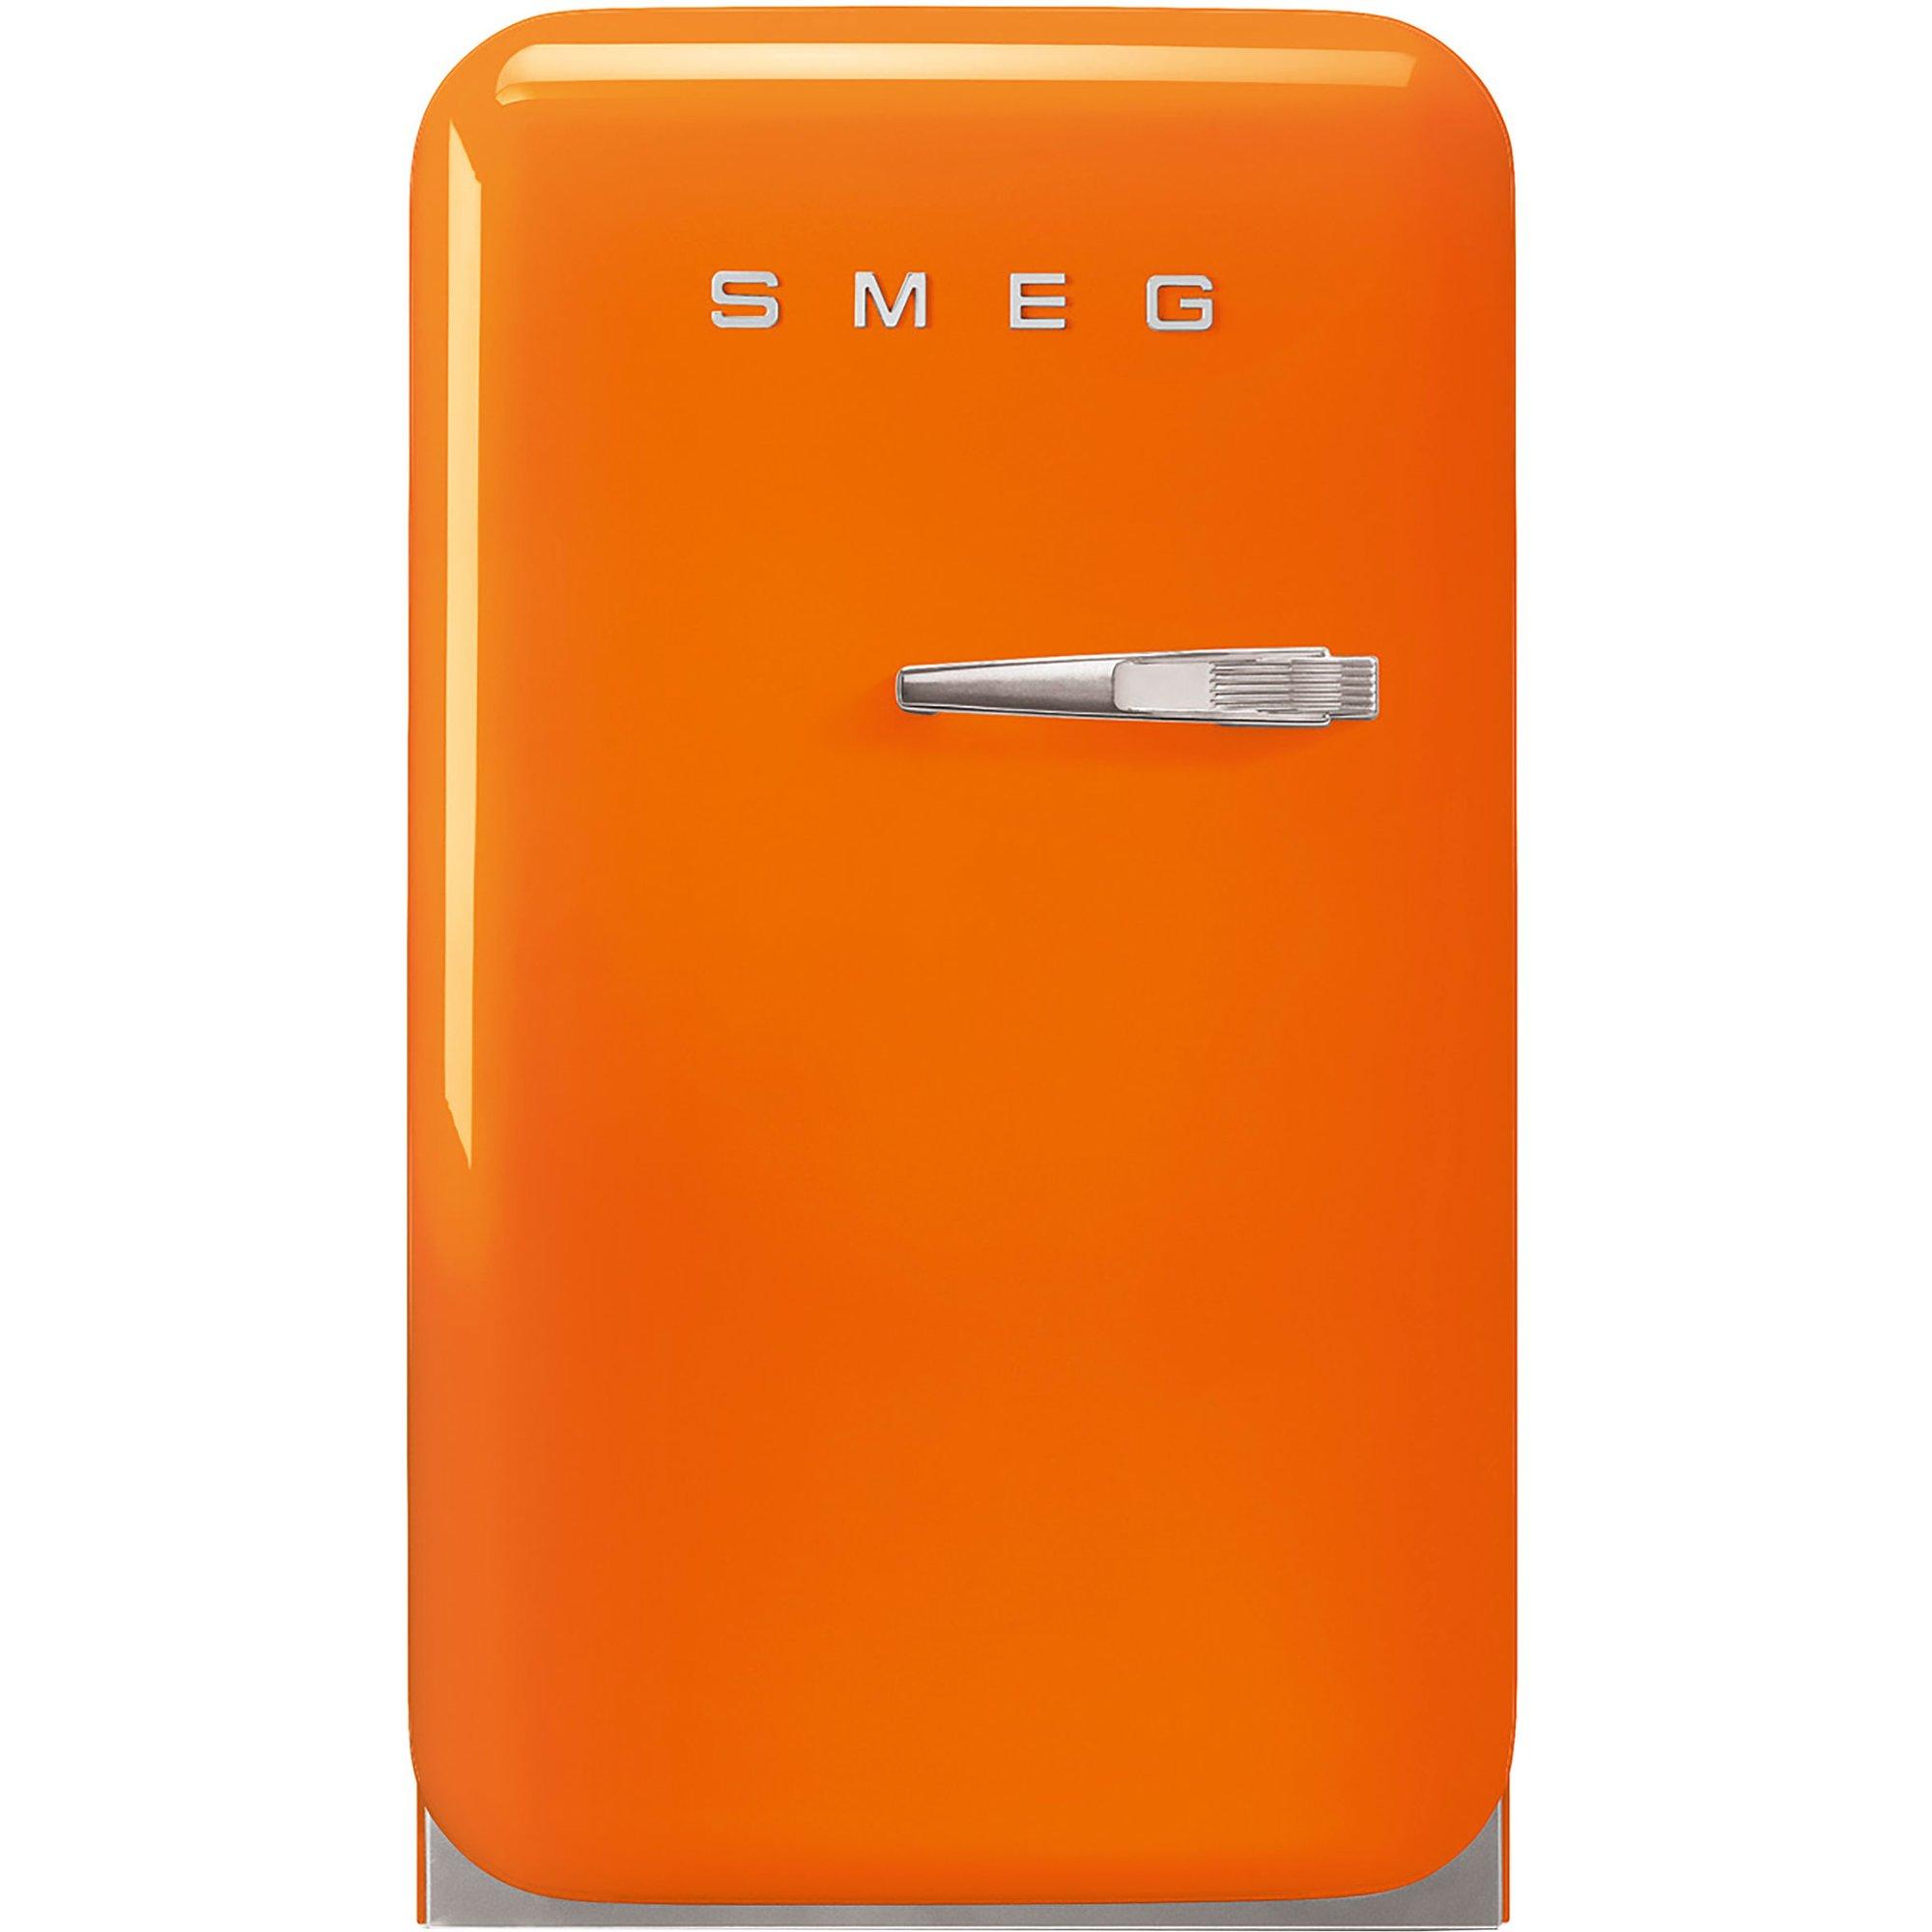 Smeg 74 cm kylskåp i retrostil vänsterhängt – orange